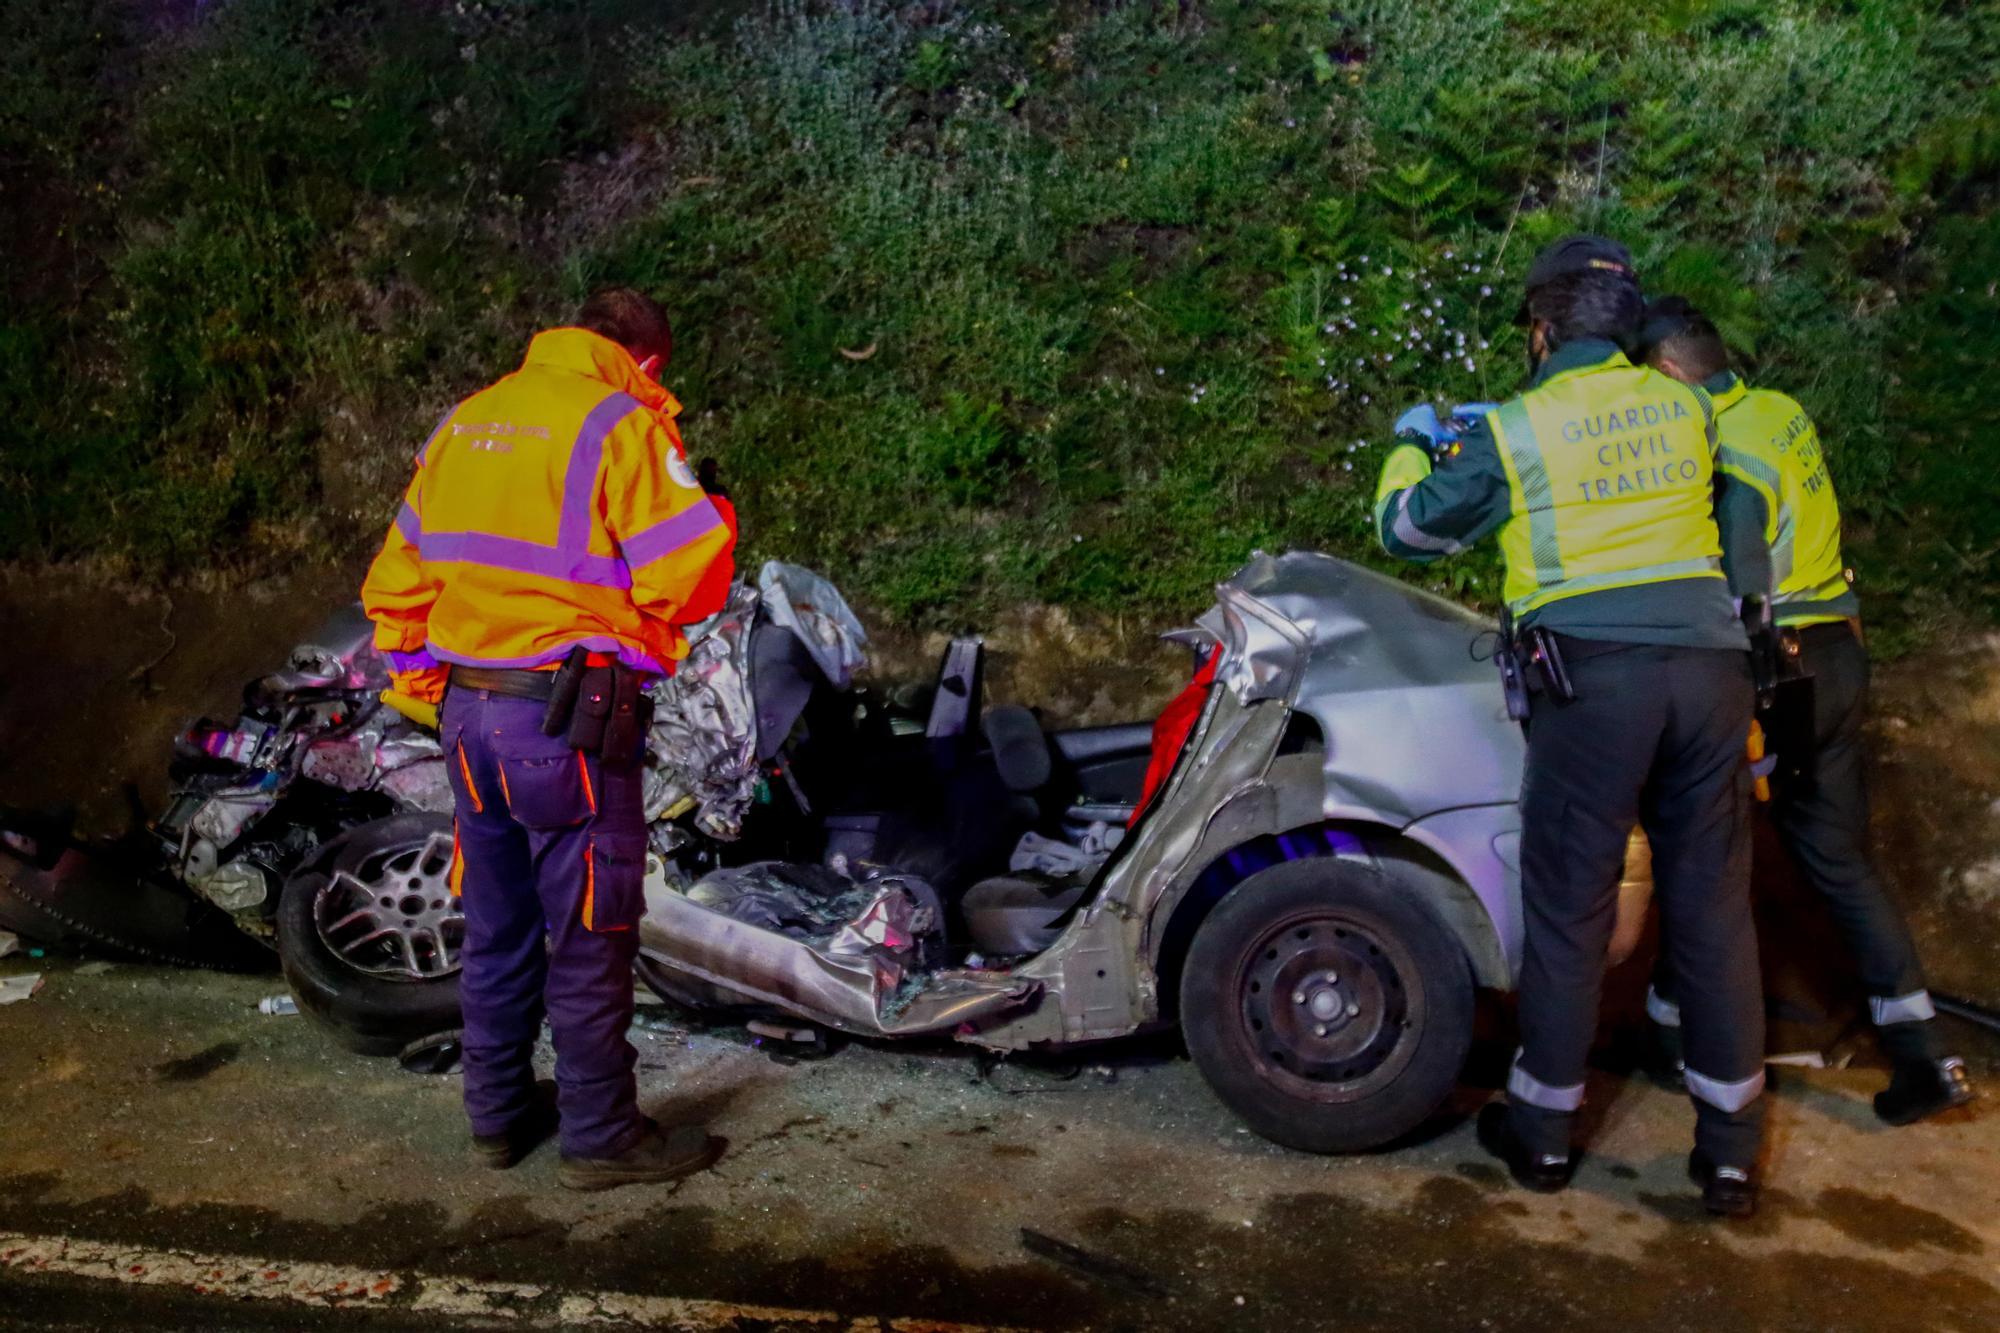 Las imágenes de la tragedia en Caldas | Tres muertos en un accidente de tráfico